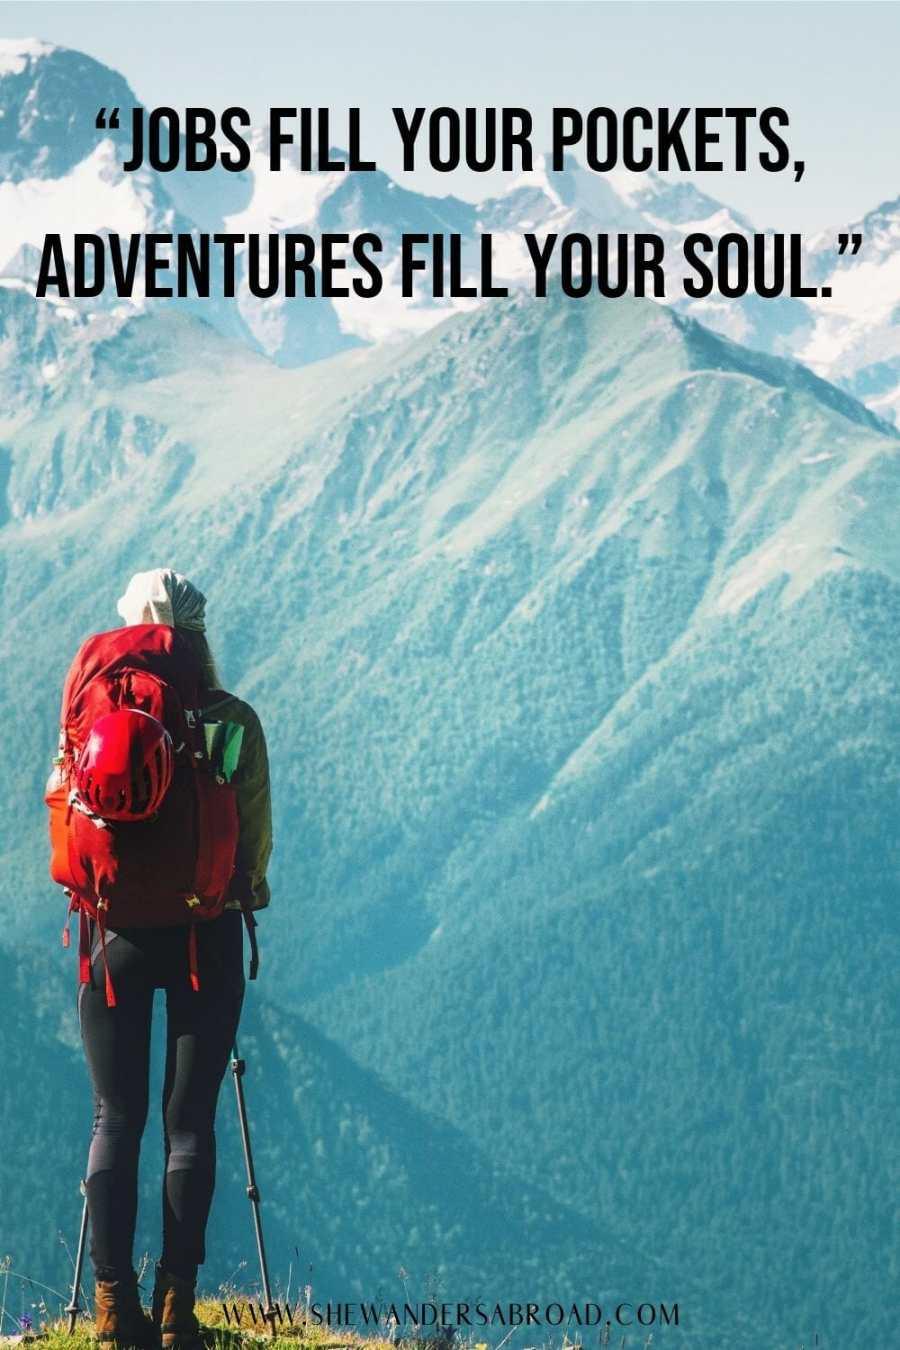 Hiking adventure quotes